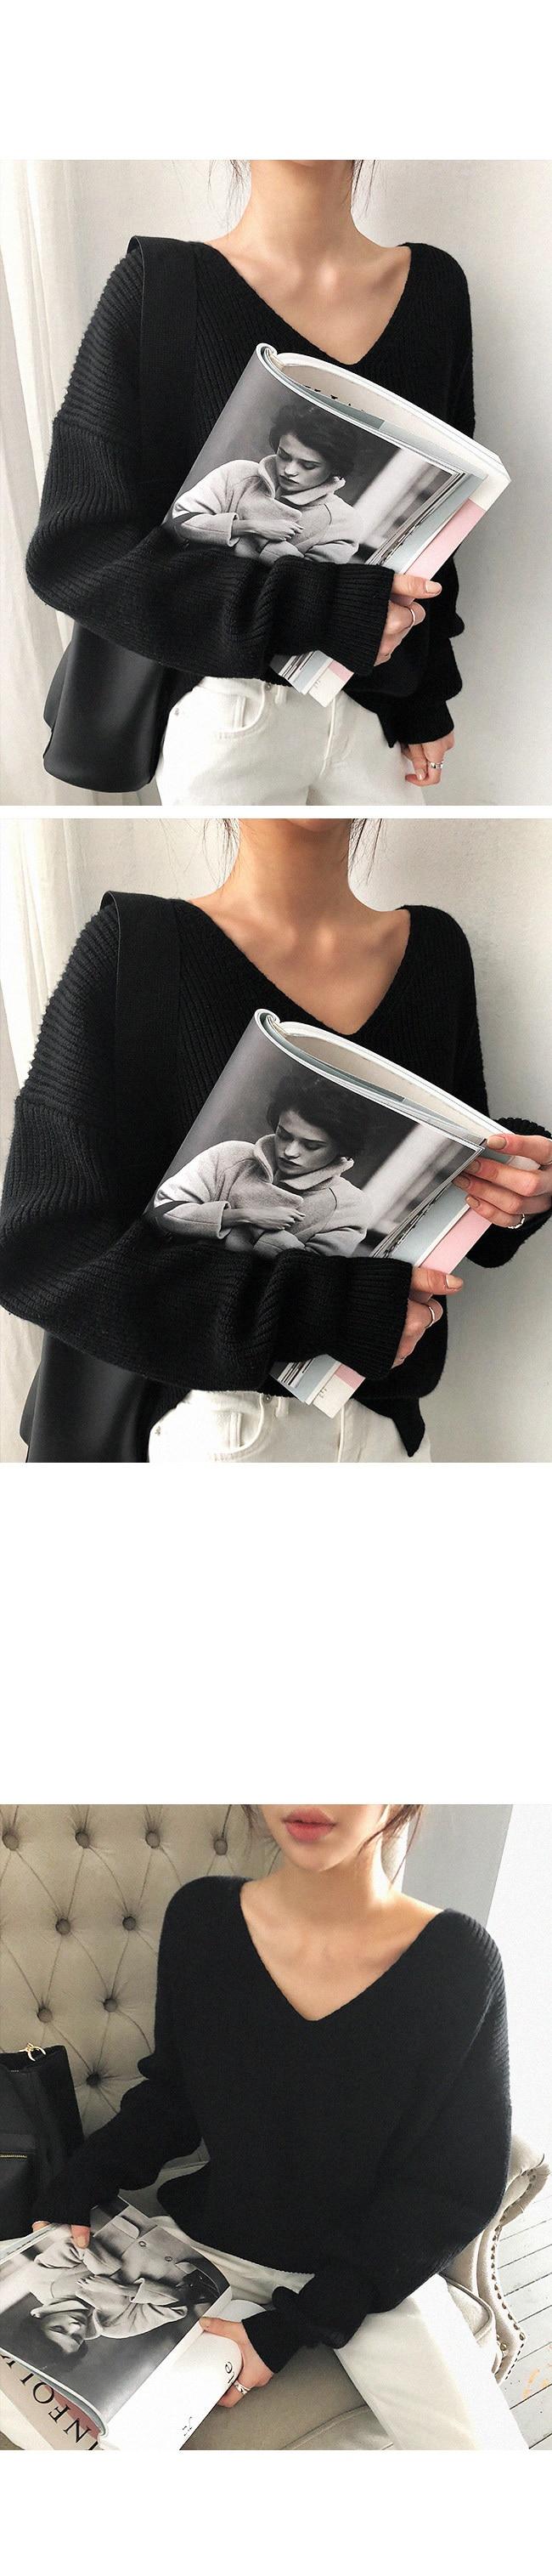 19 Winter Ovreiszed Sweater Women V Neck Black White Sweater Irregular Hen Knitted Tops 26